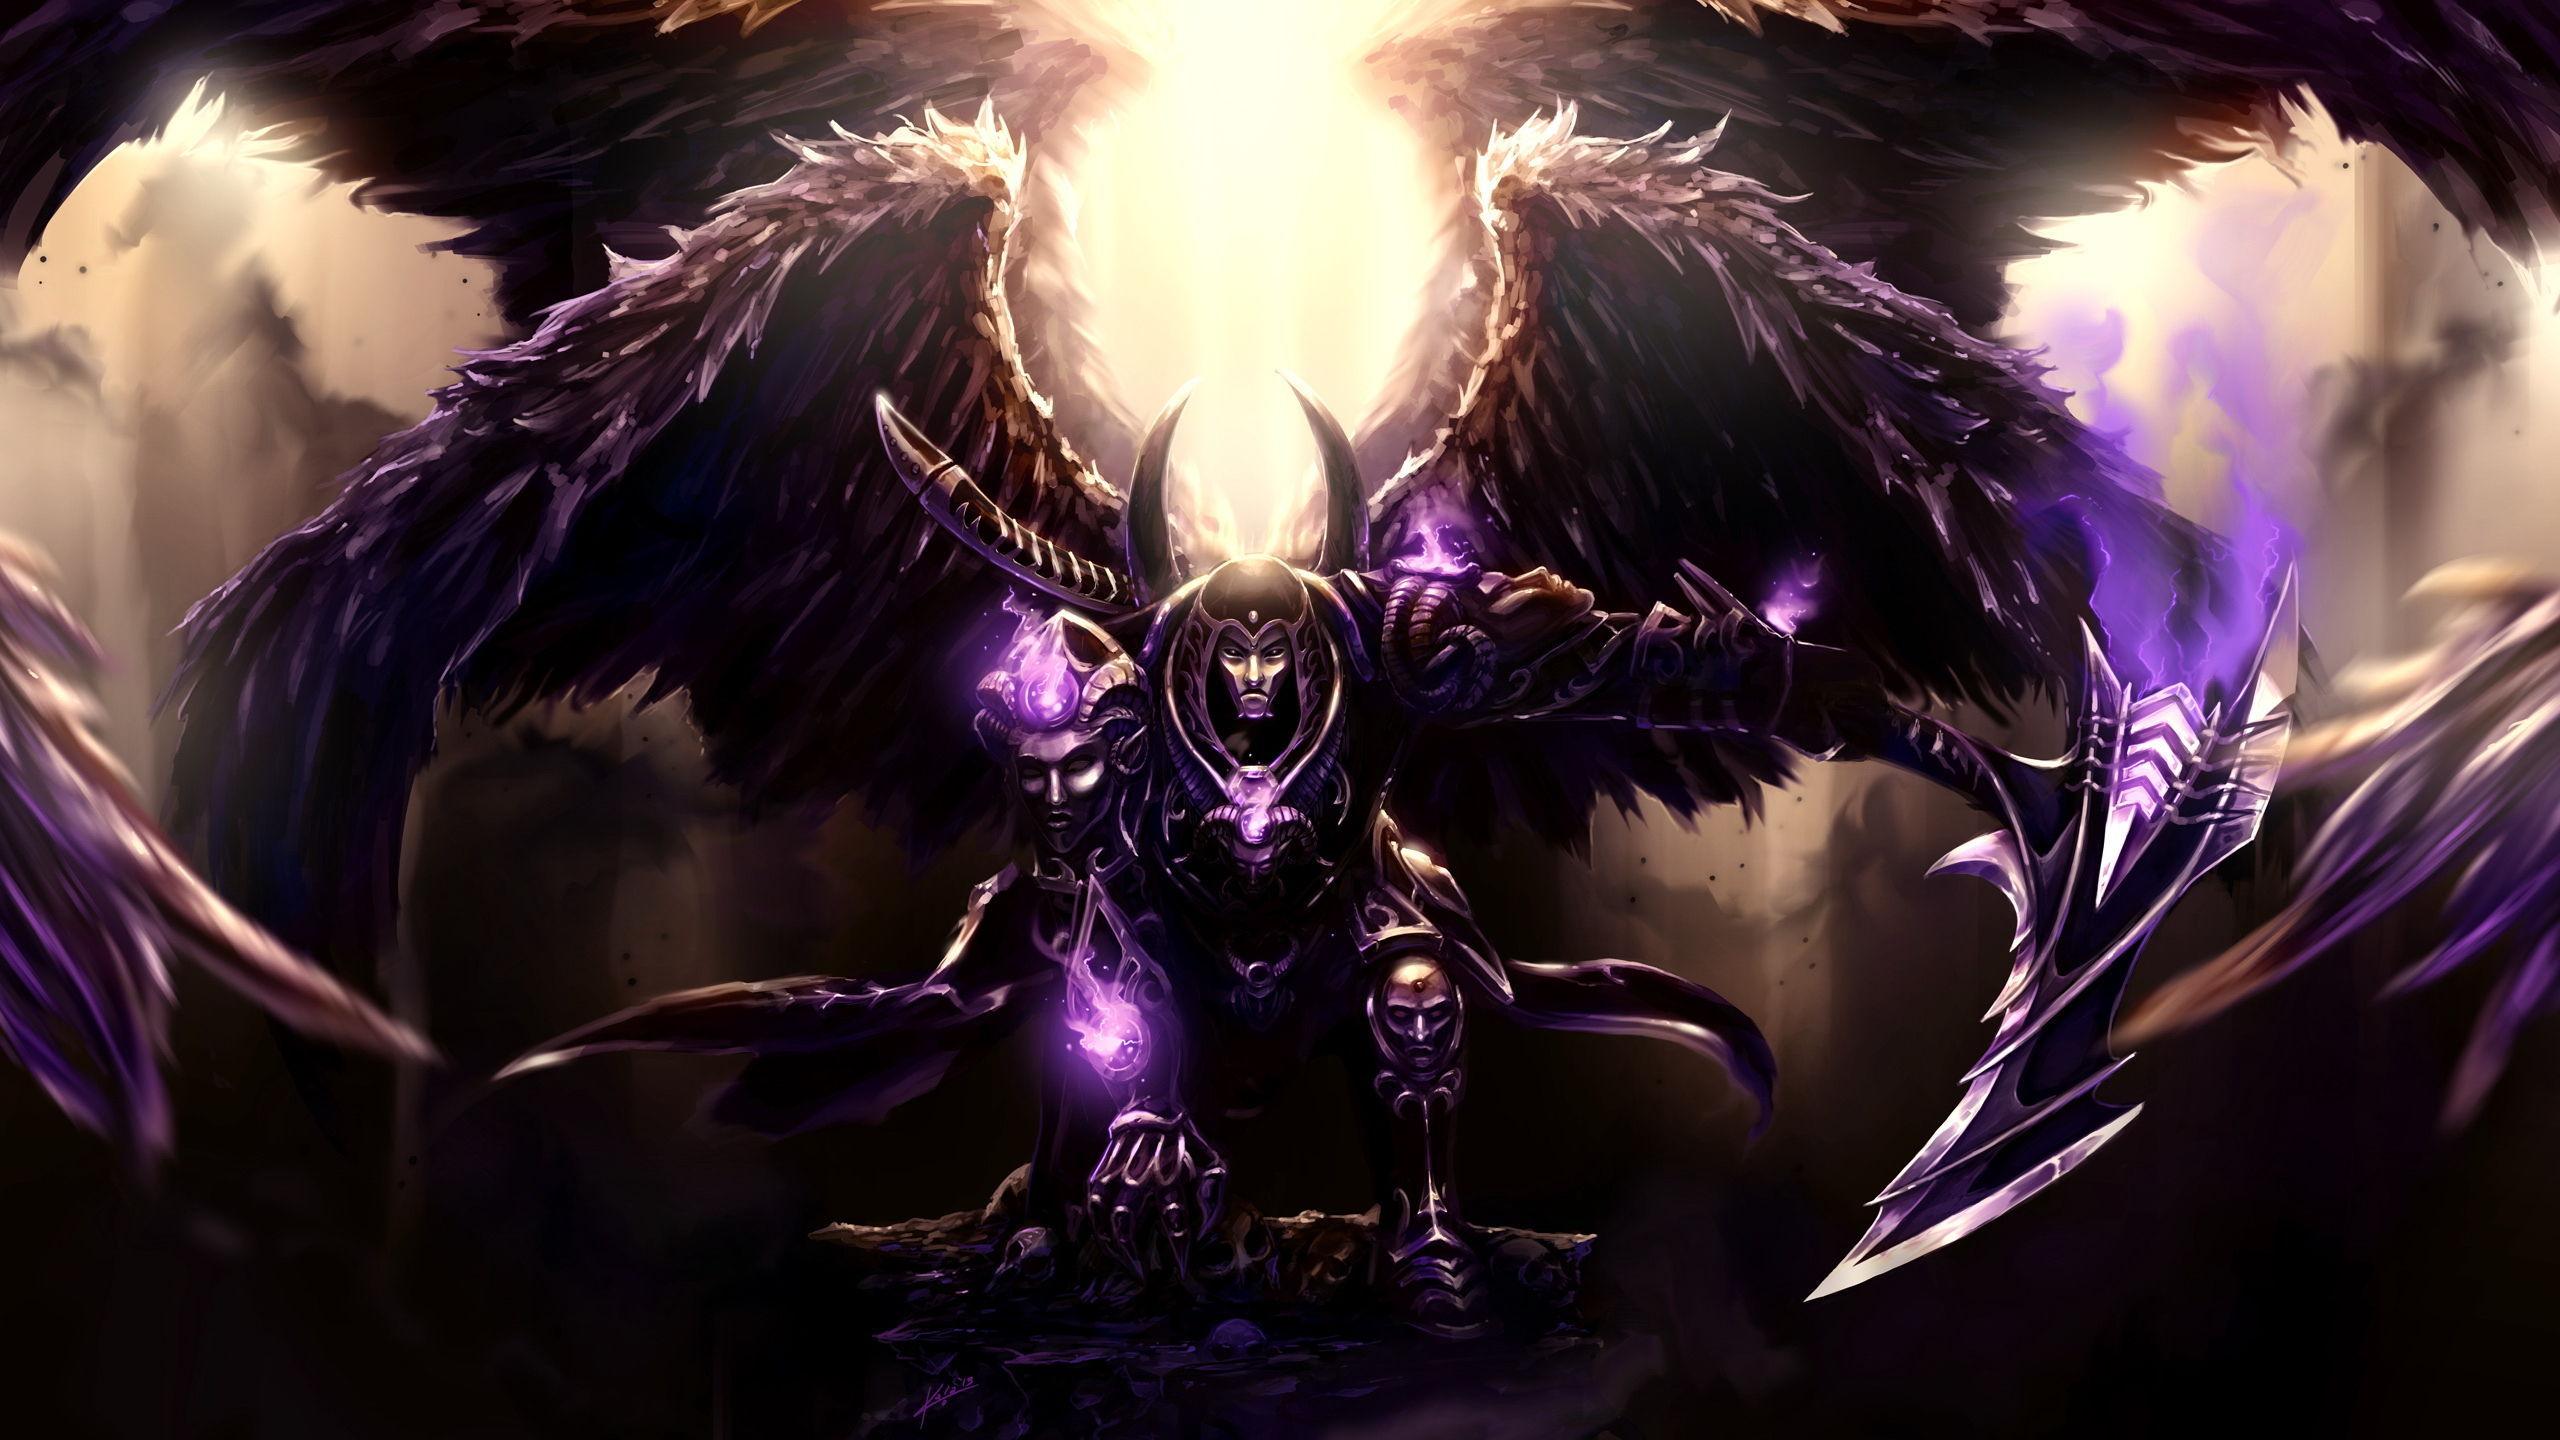 ¿Qué dios utiliza su ultimate para oscurecer la visión a los enemigos?